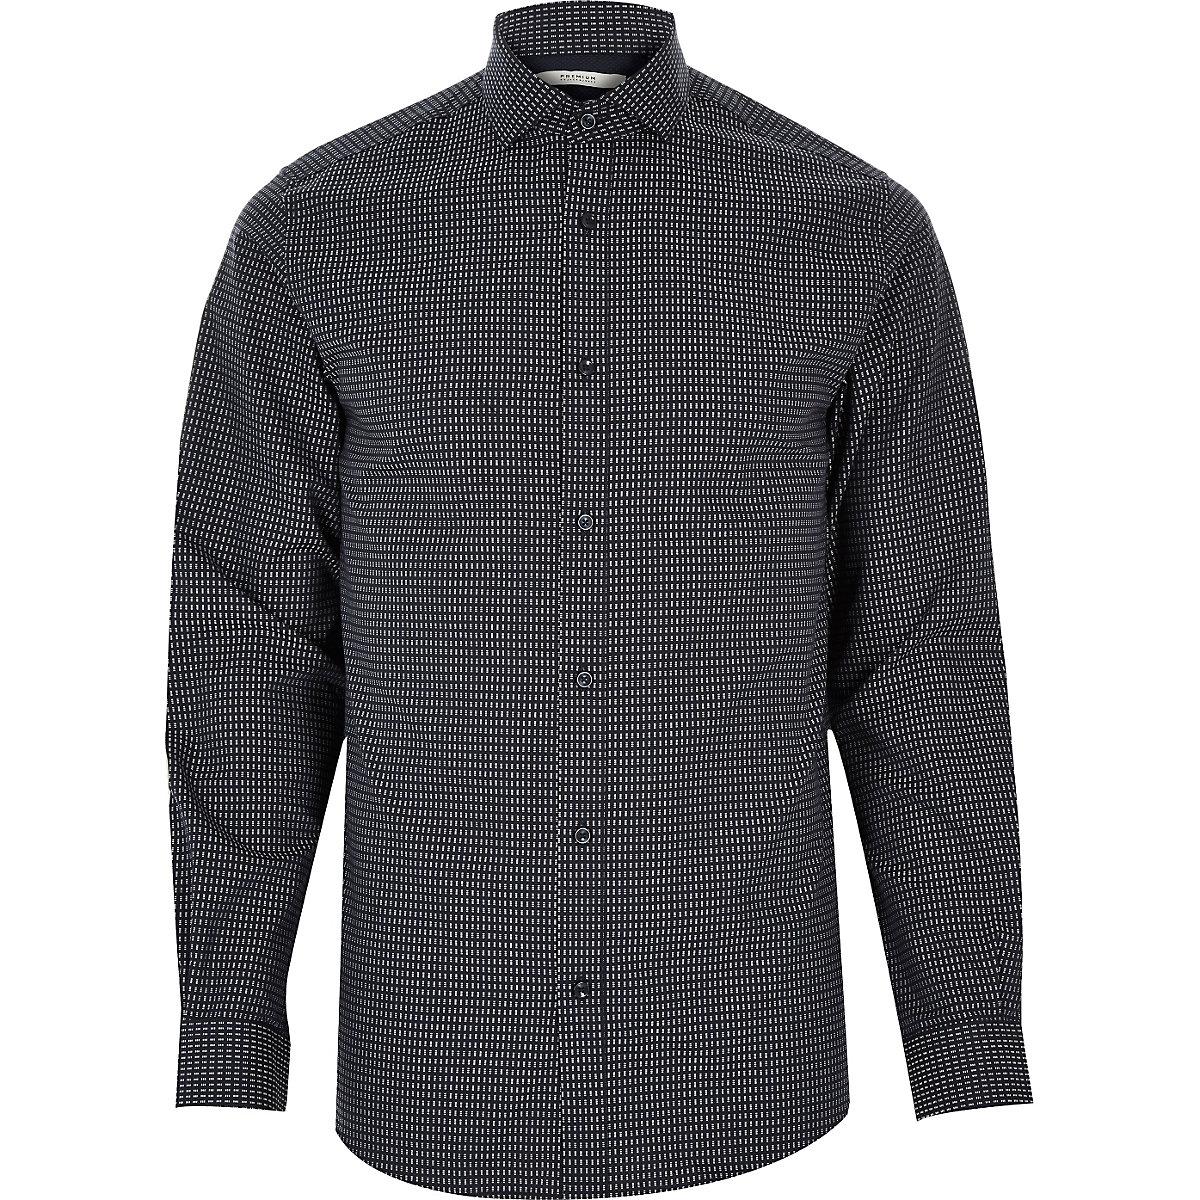 Grey Jack & Jones Premium printed shirt